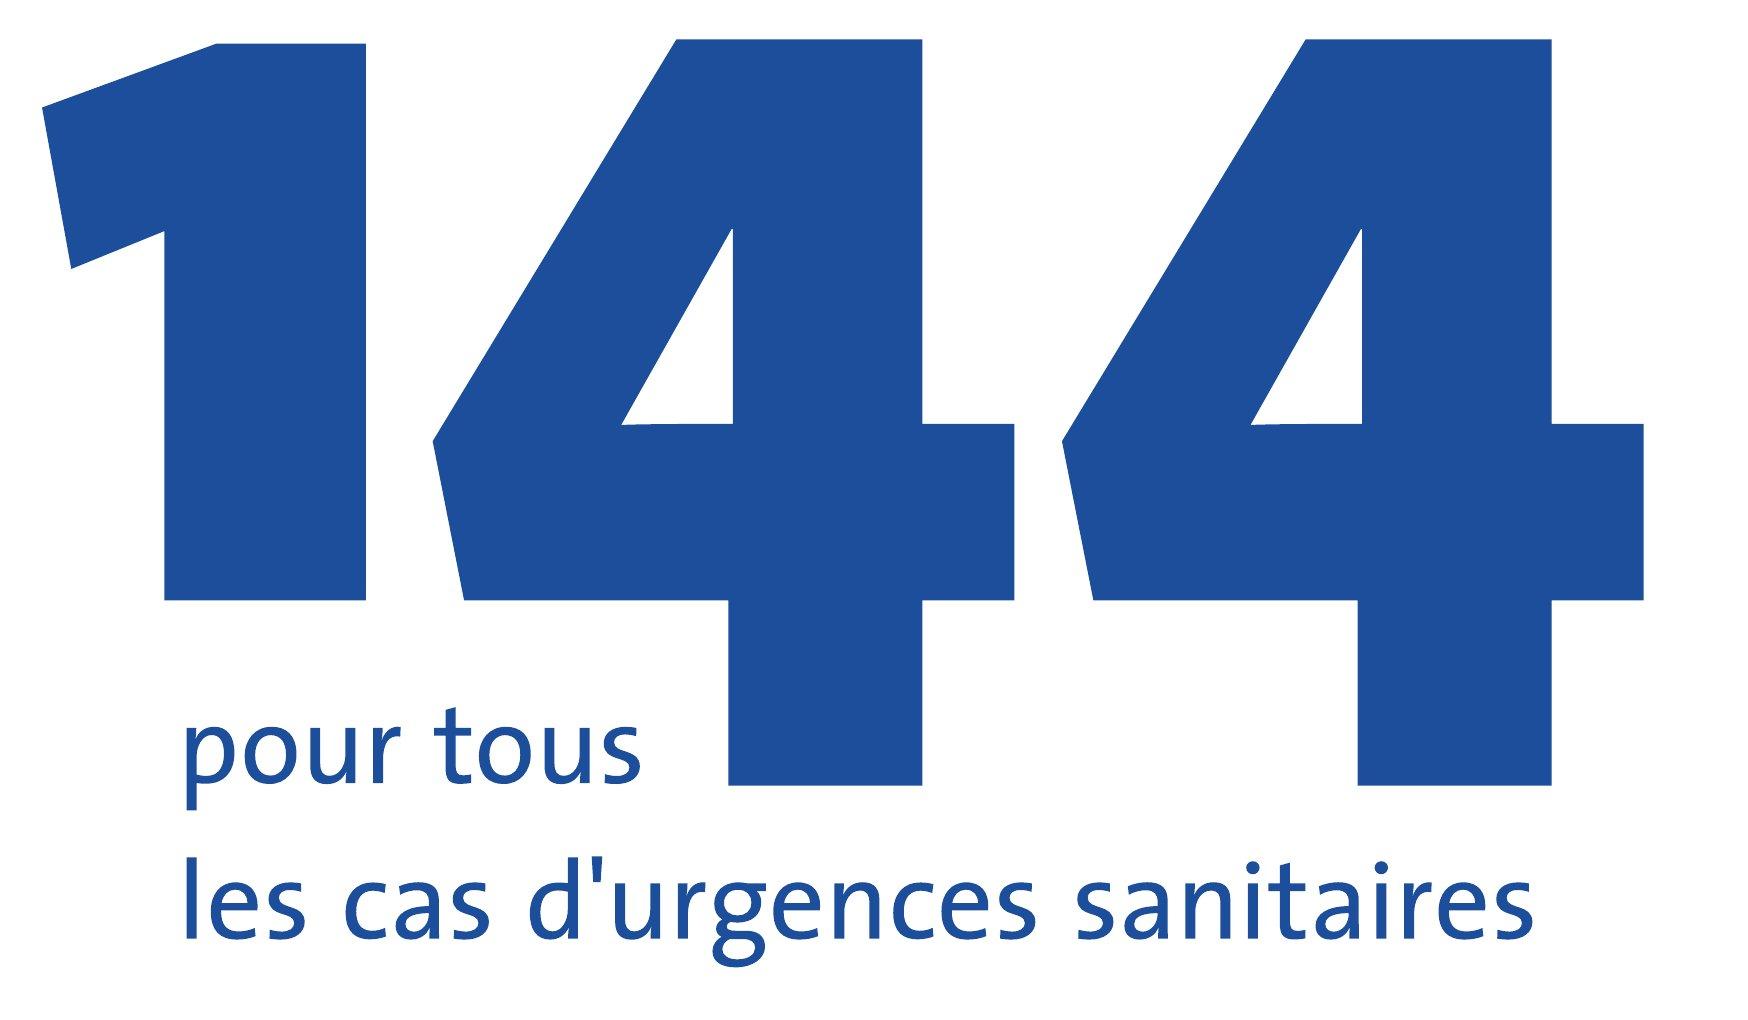 Samedi de 10h à 15h, l'Interassociation de sauvetage organise la journée du  numéro d'urgence 144 en partenariat avec les organisations de sauvetage.